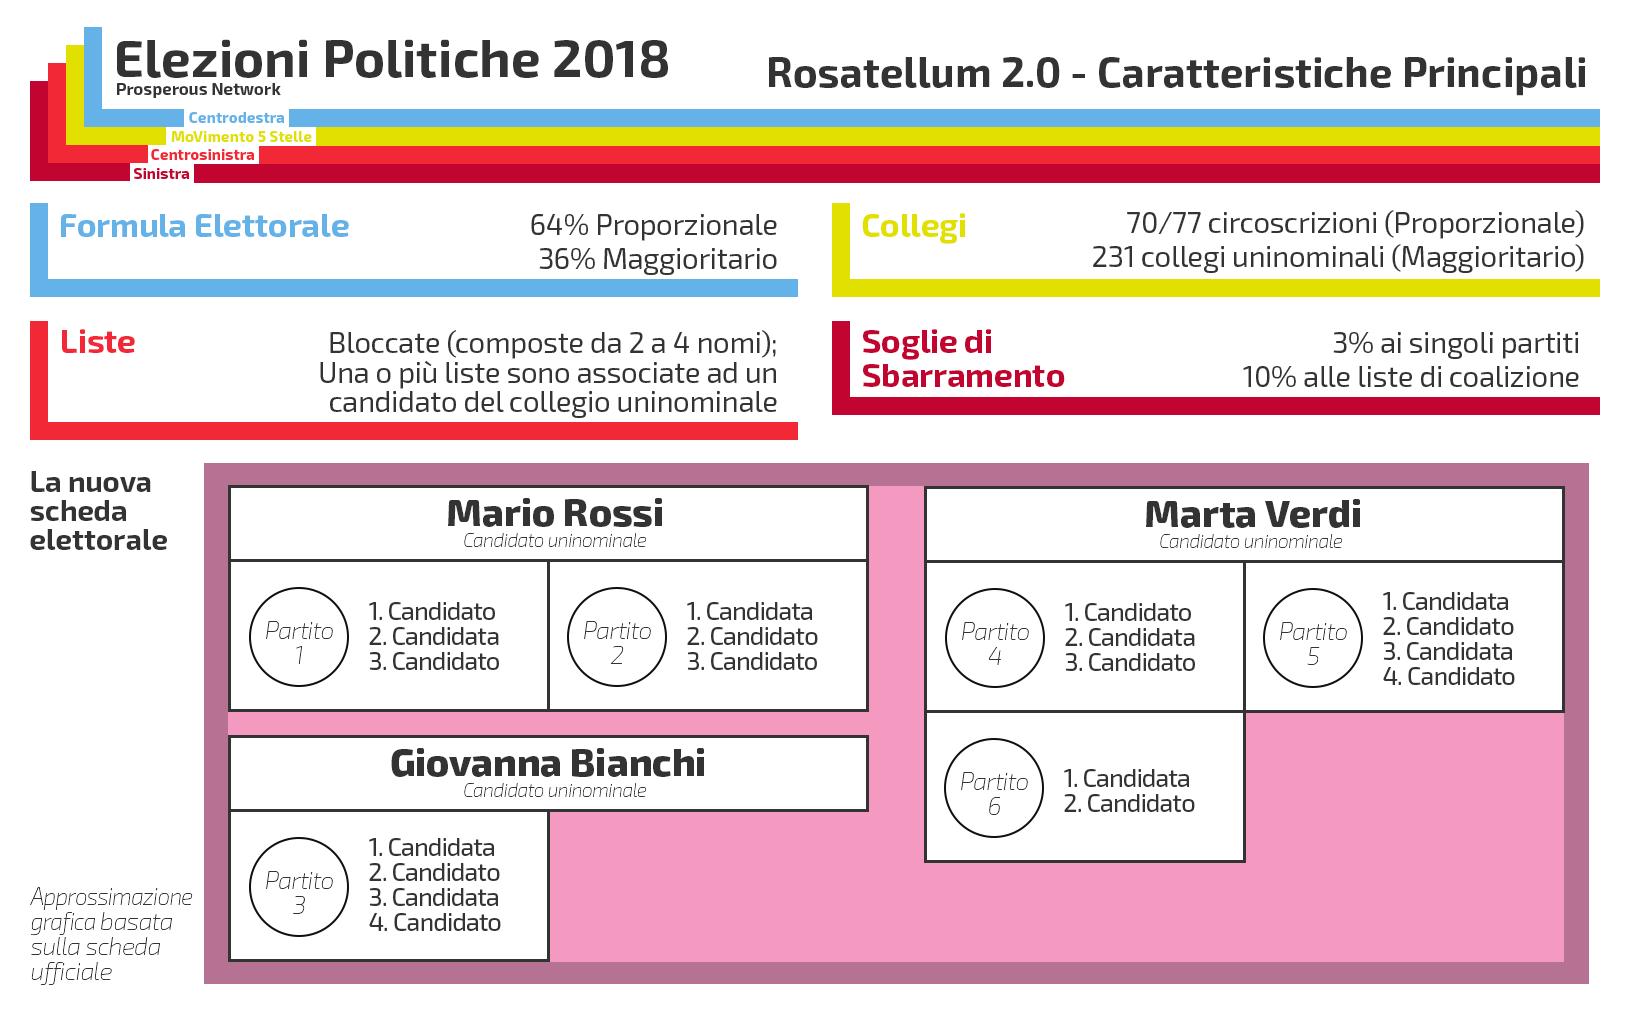 Legge elettorale Elezioni Politiche 2018 | Come funziona ...